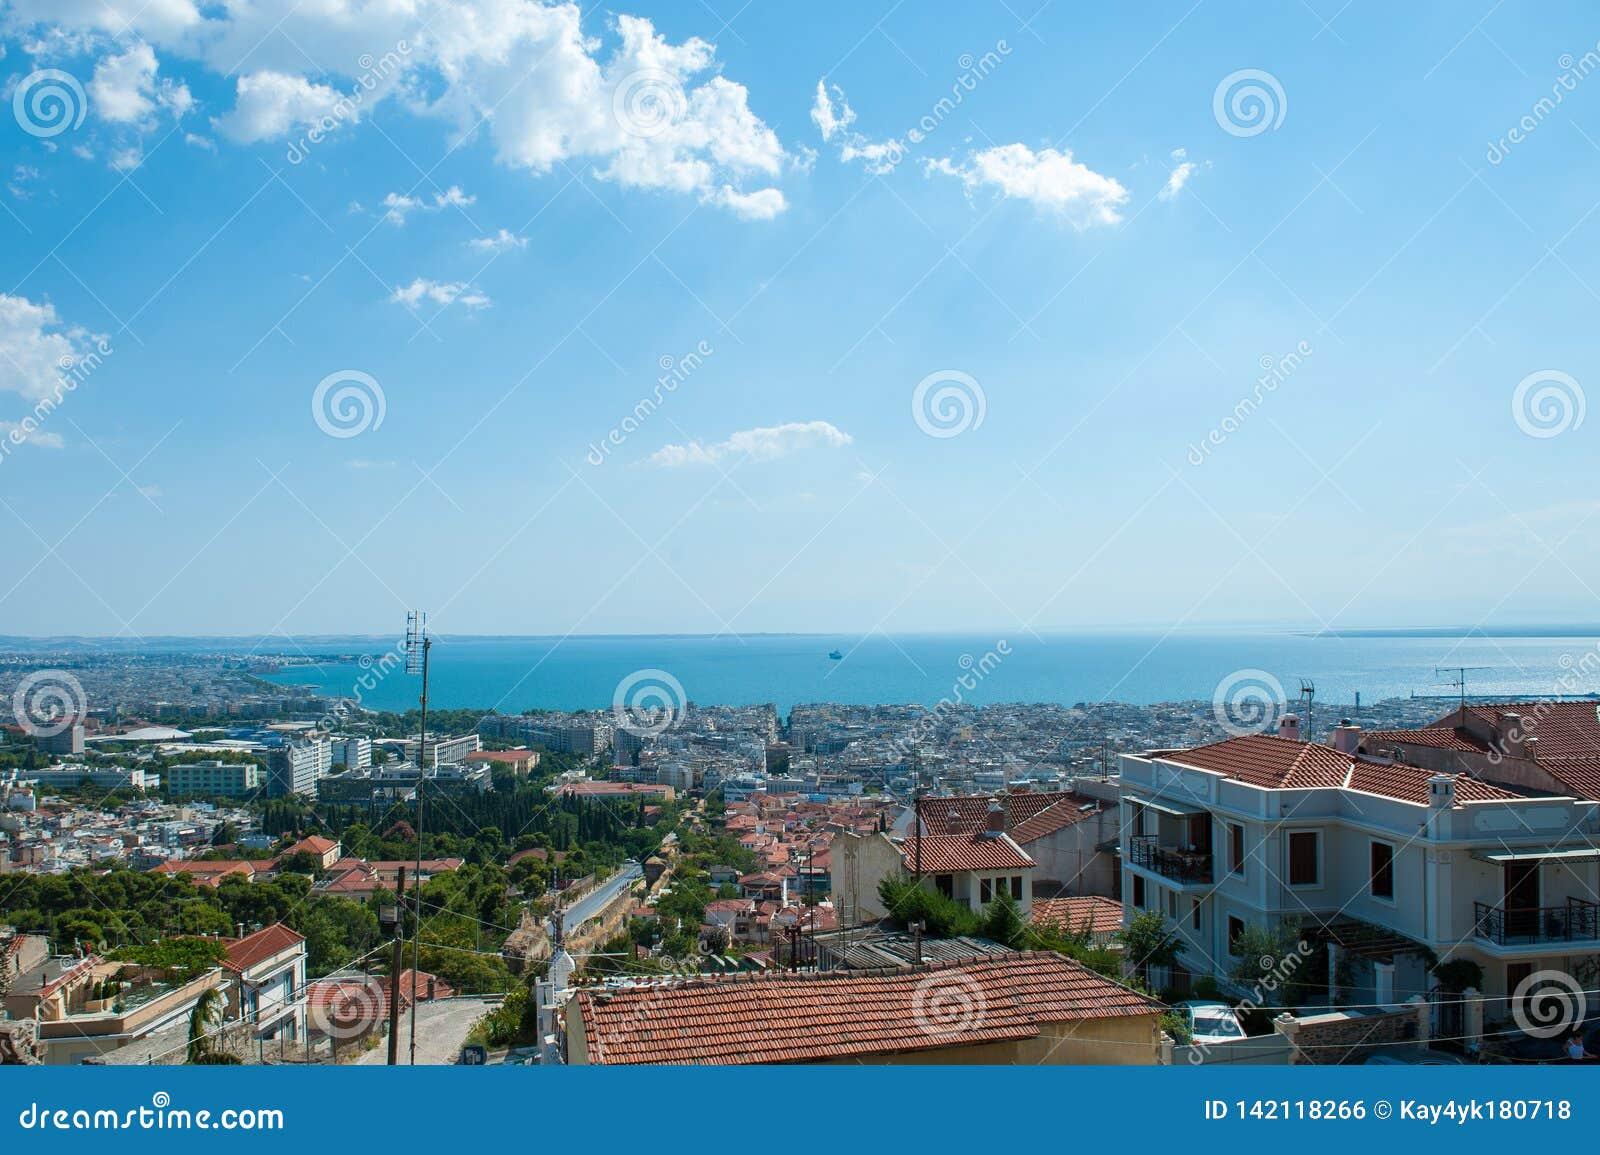 Εναέρια άποψη η πόλη στα βόρεια ελληνικά